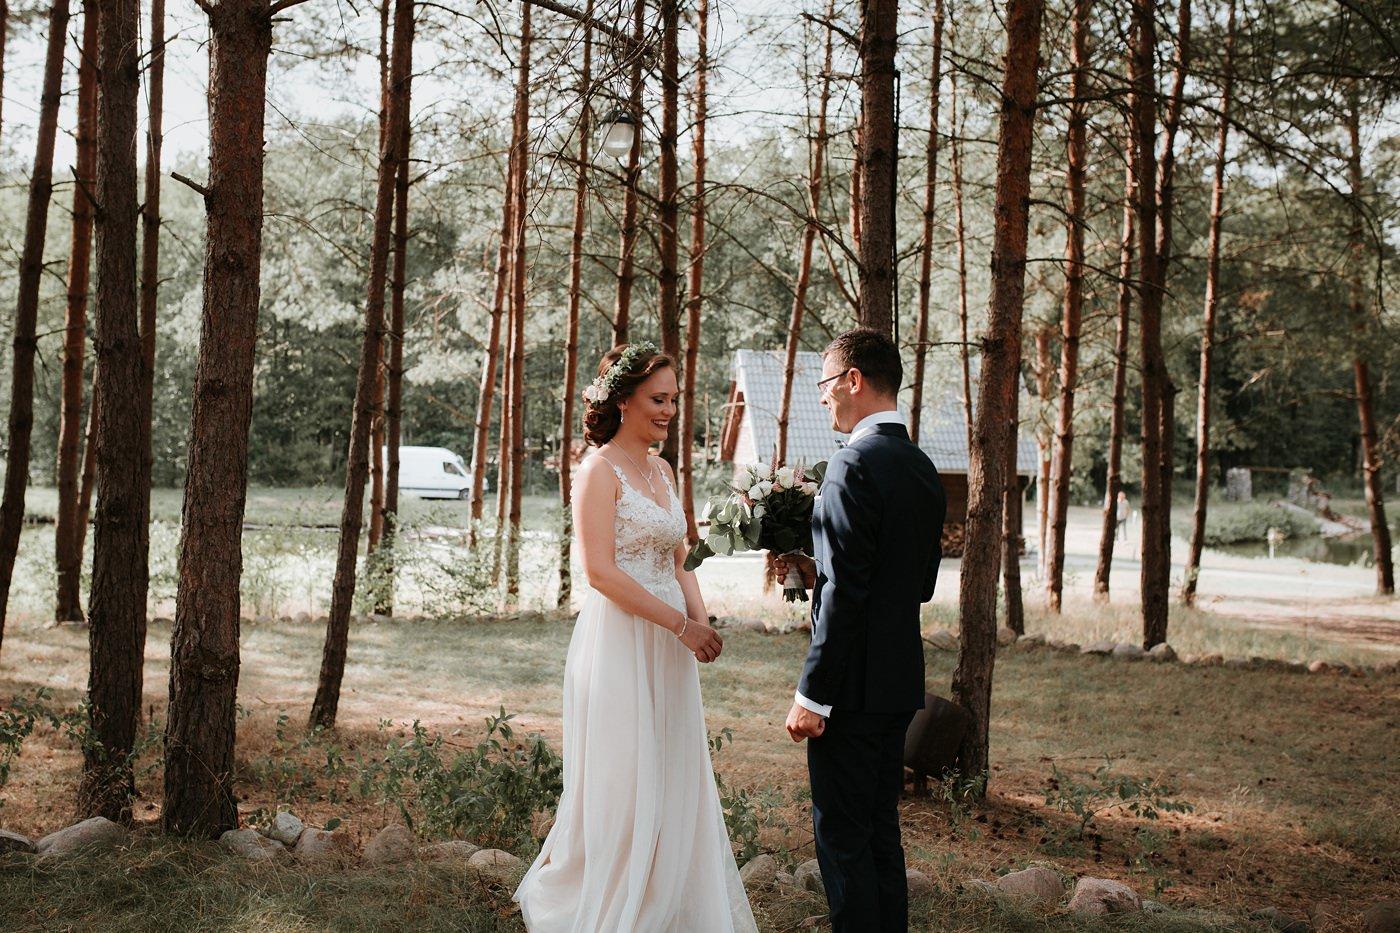 Anna & Wojtek - Ślub cywilny w plenerze - Barnówko w Sam Las 43